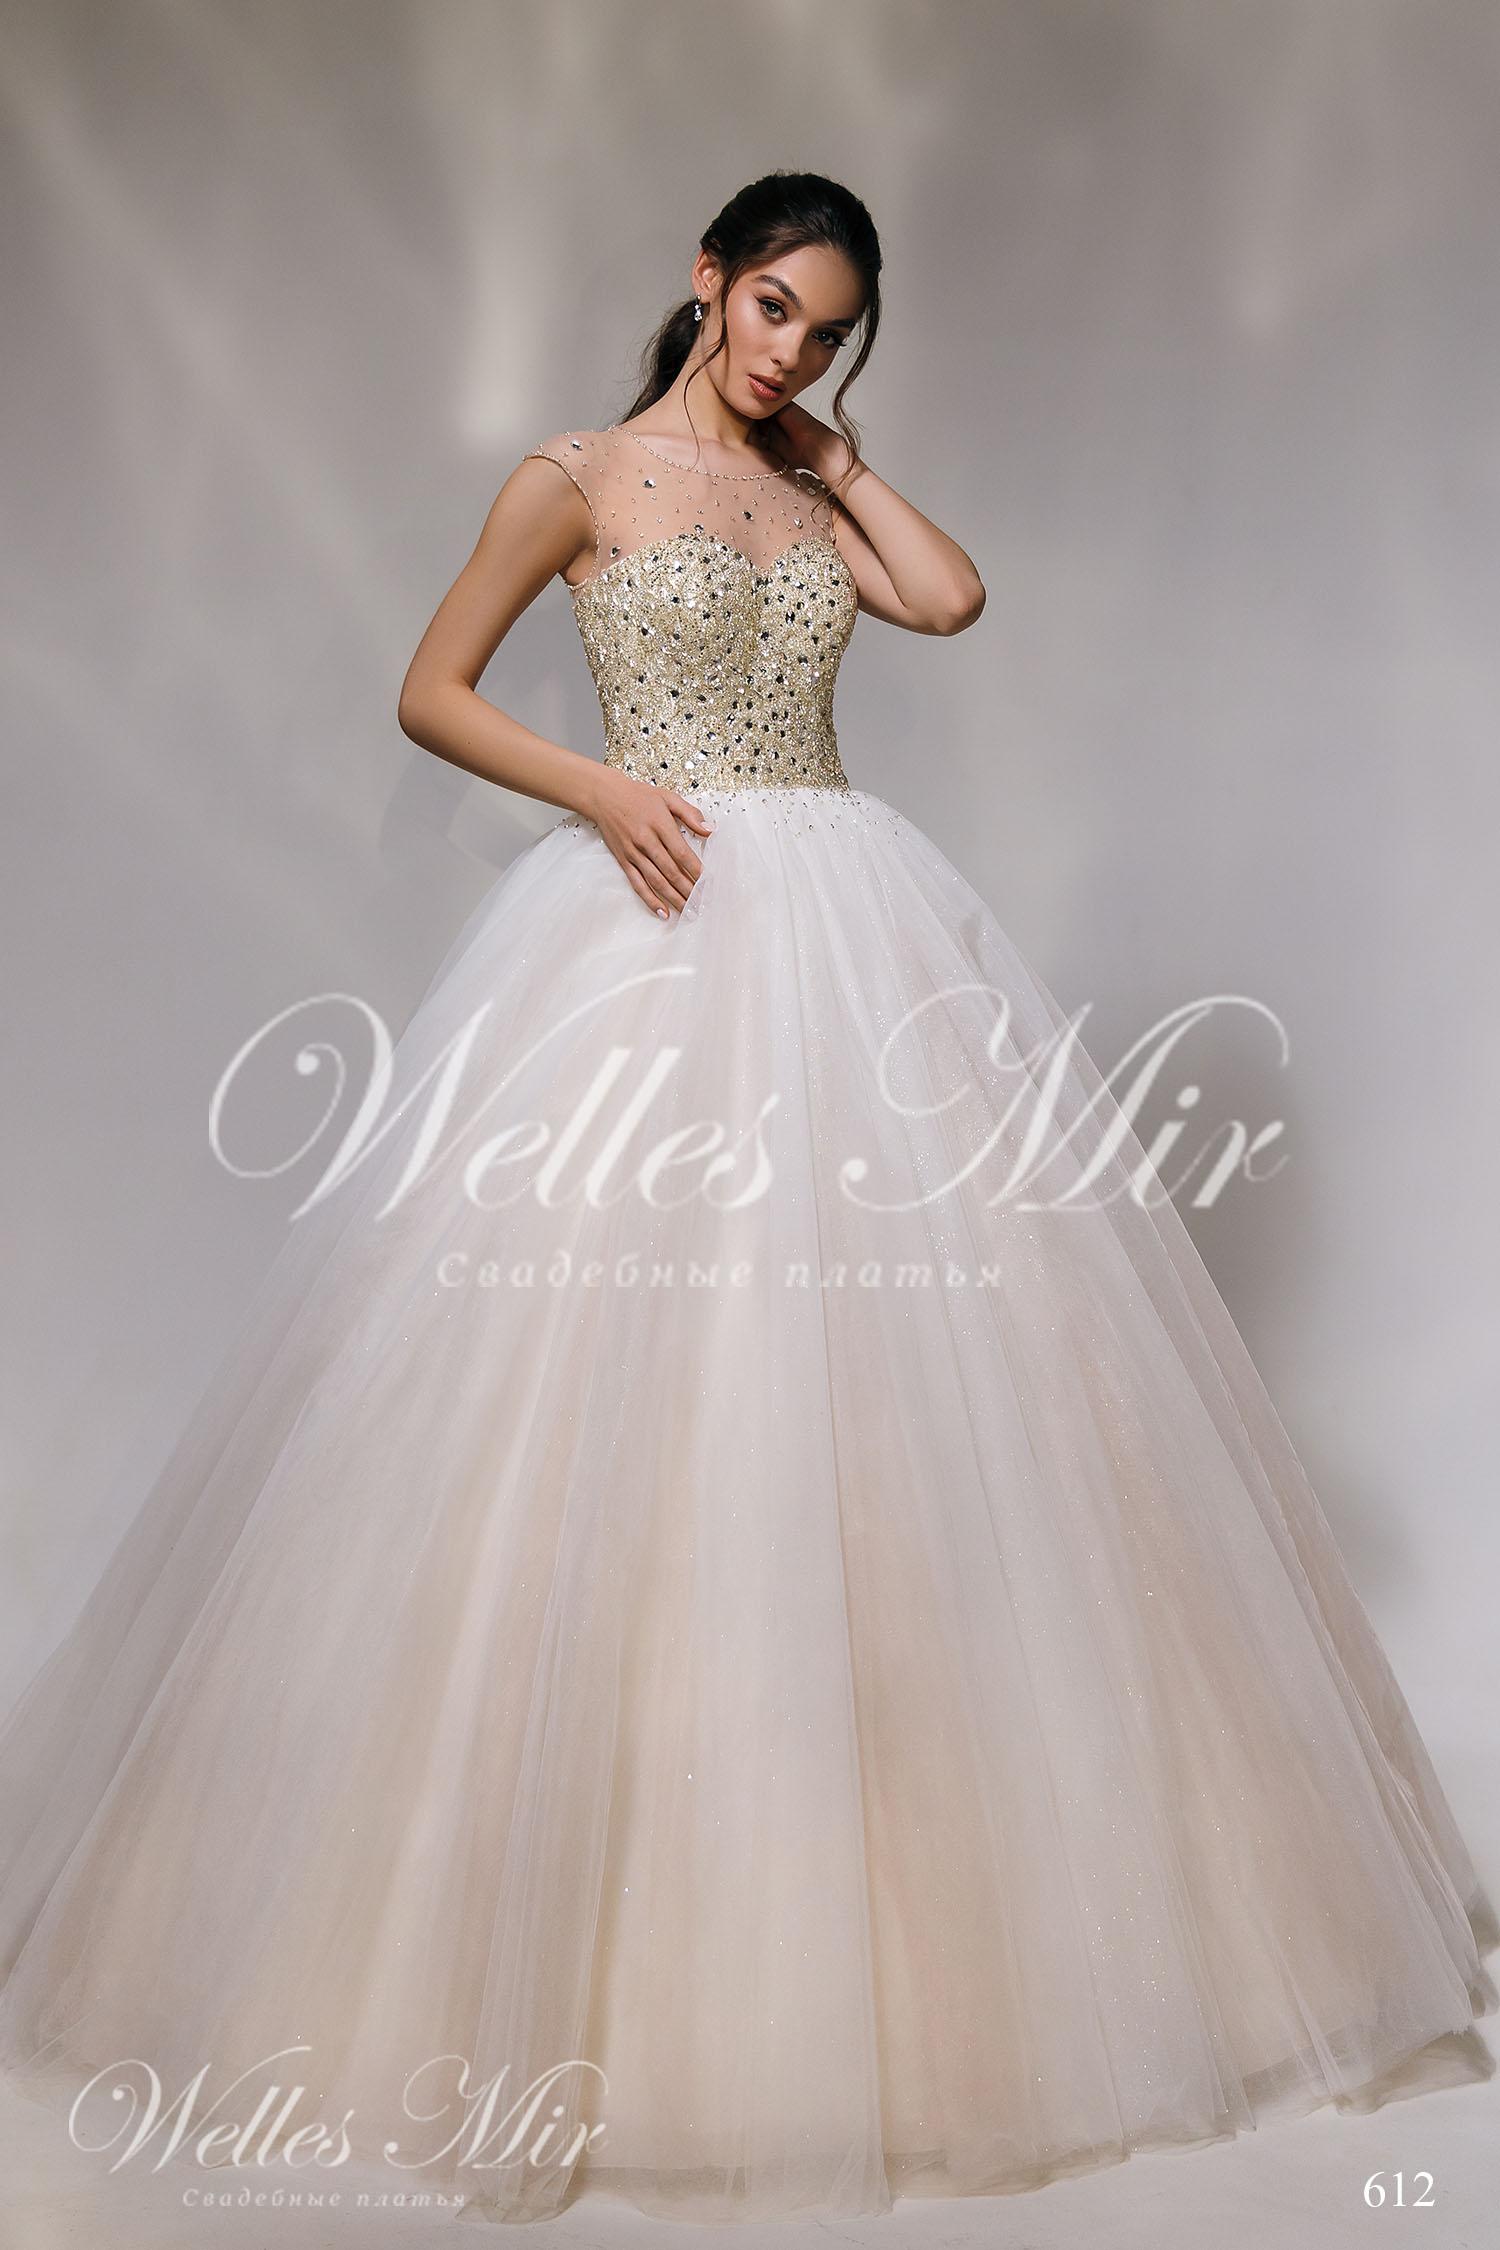 Свадебные платья Nothern Lights - 612